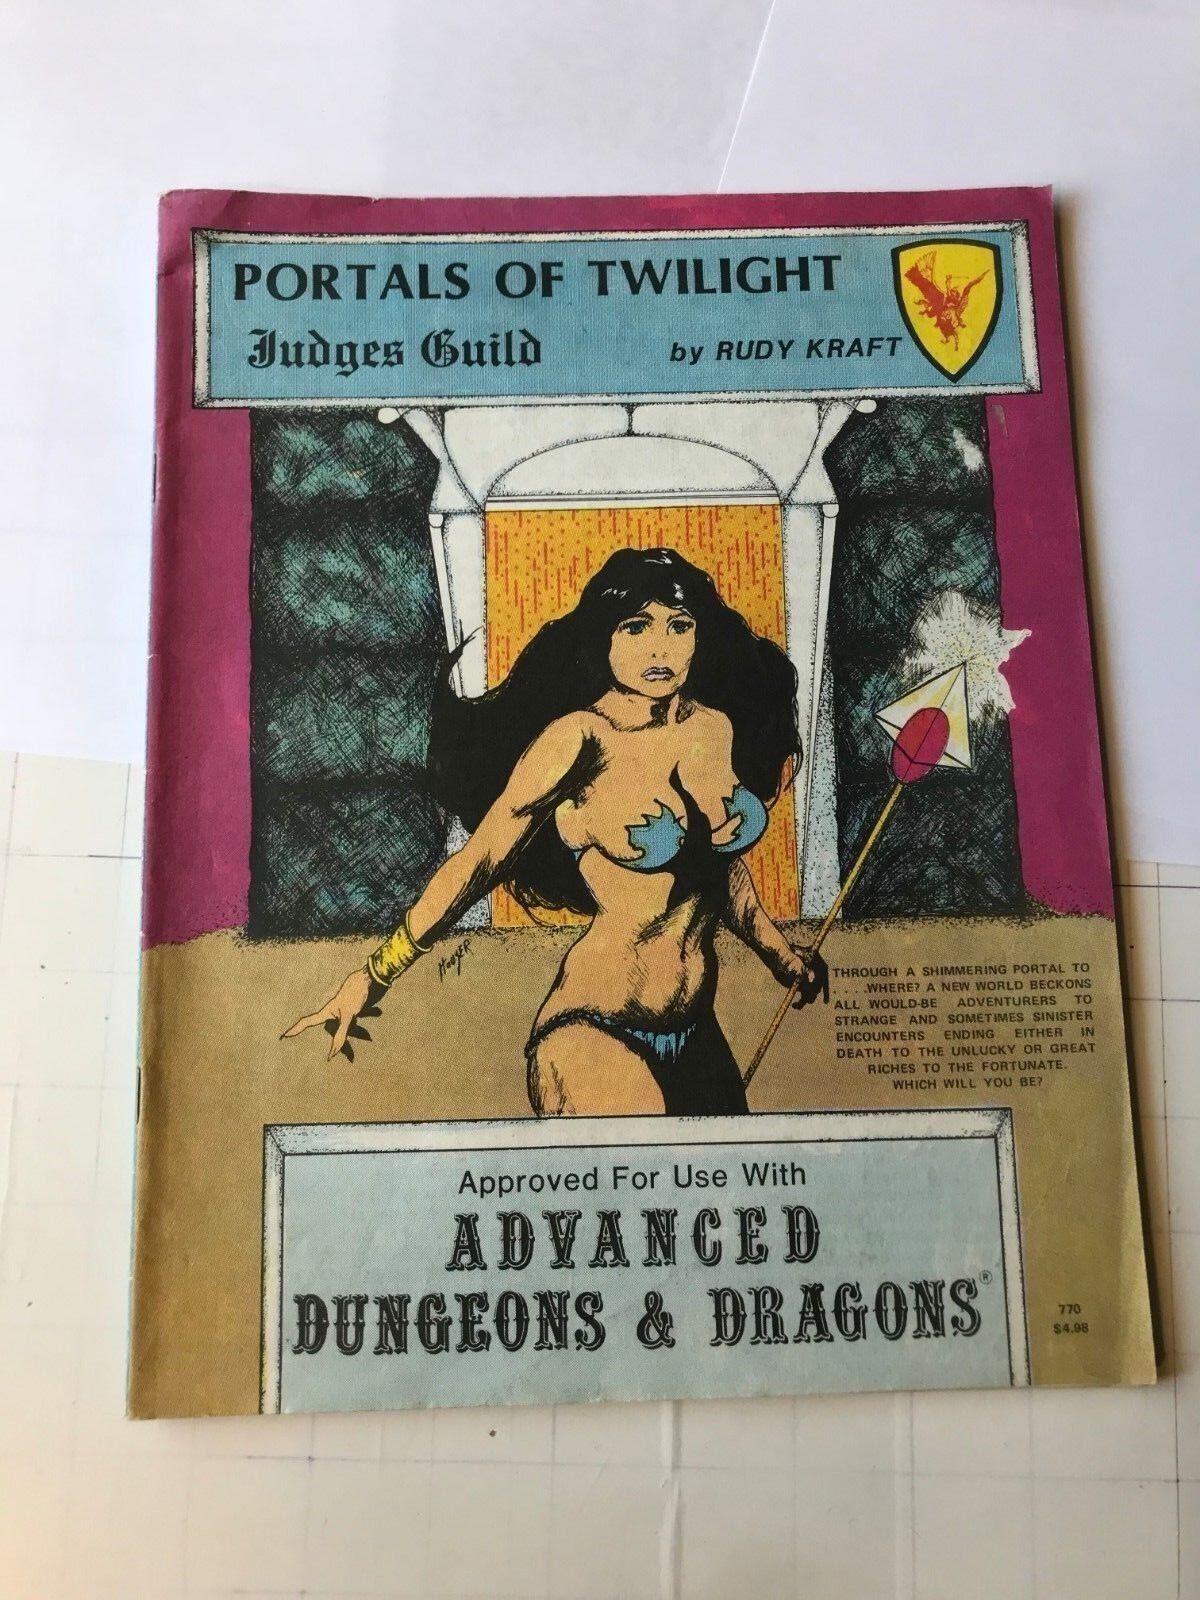 Adventure Module Portals of Twilight AD&D Judges Guild rudy kraft 1981 d&d rpg